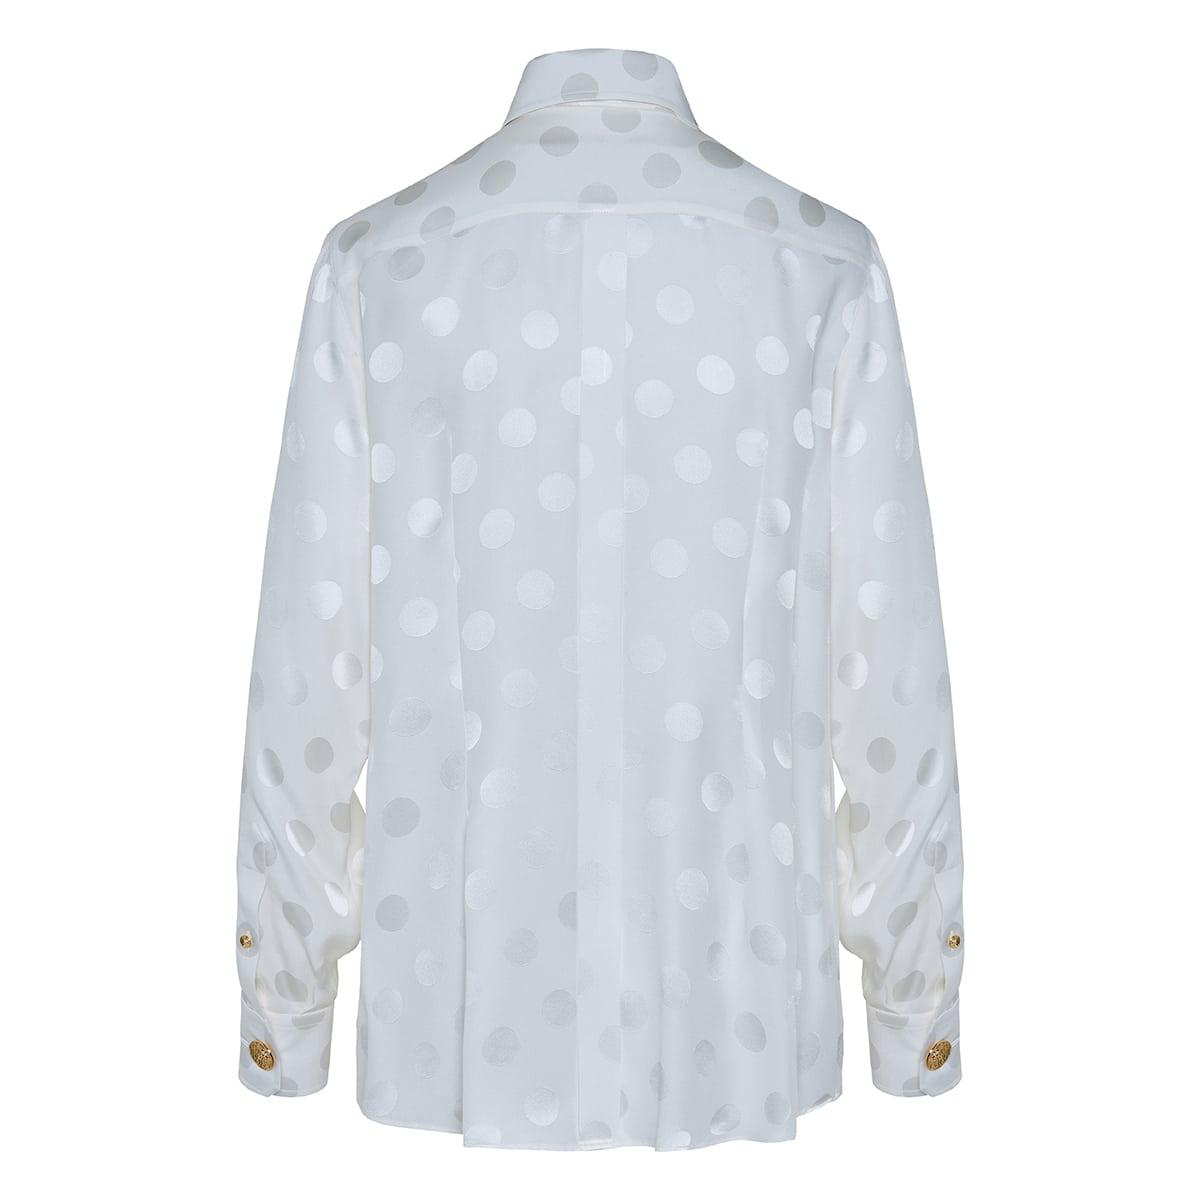 Polka-dot jacquard shirt